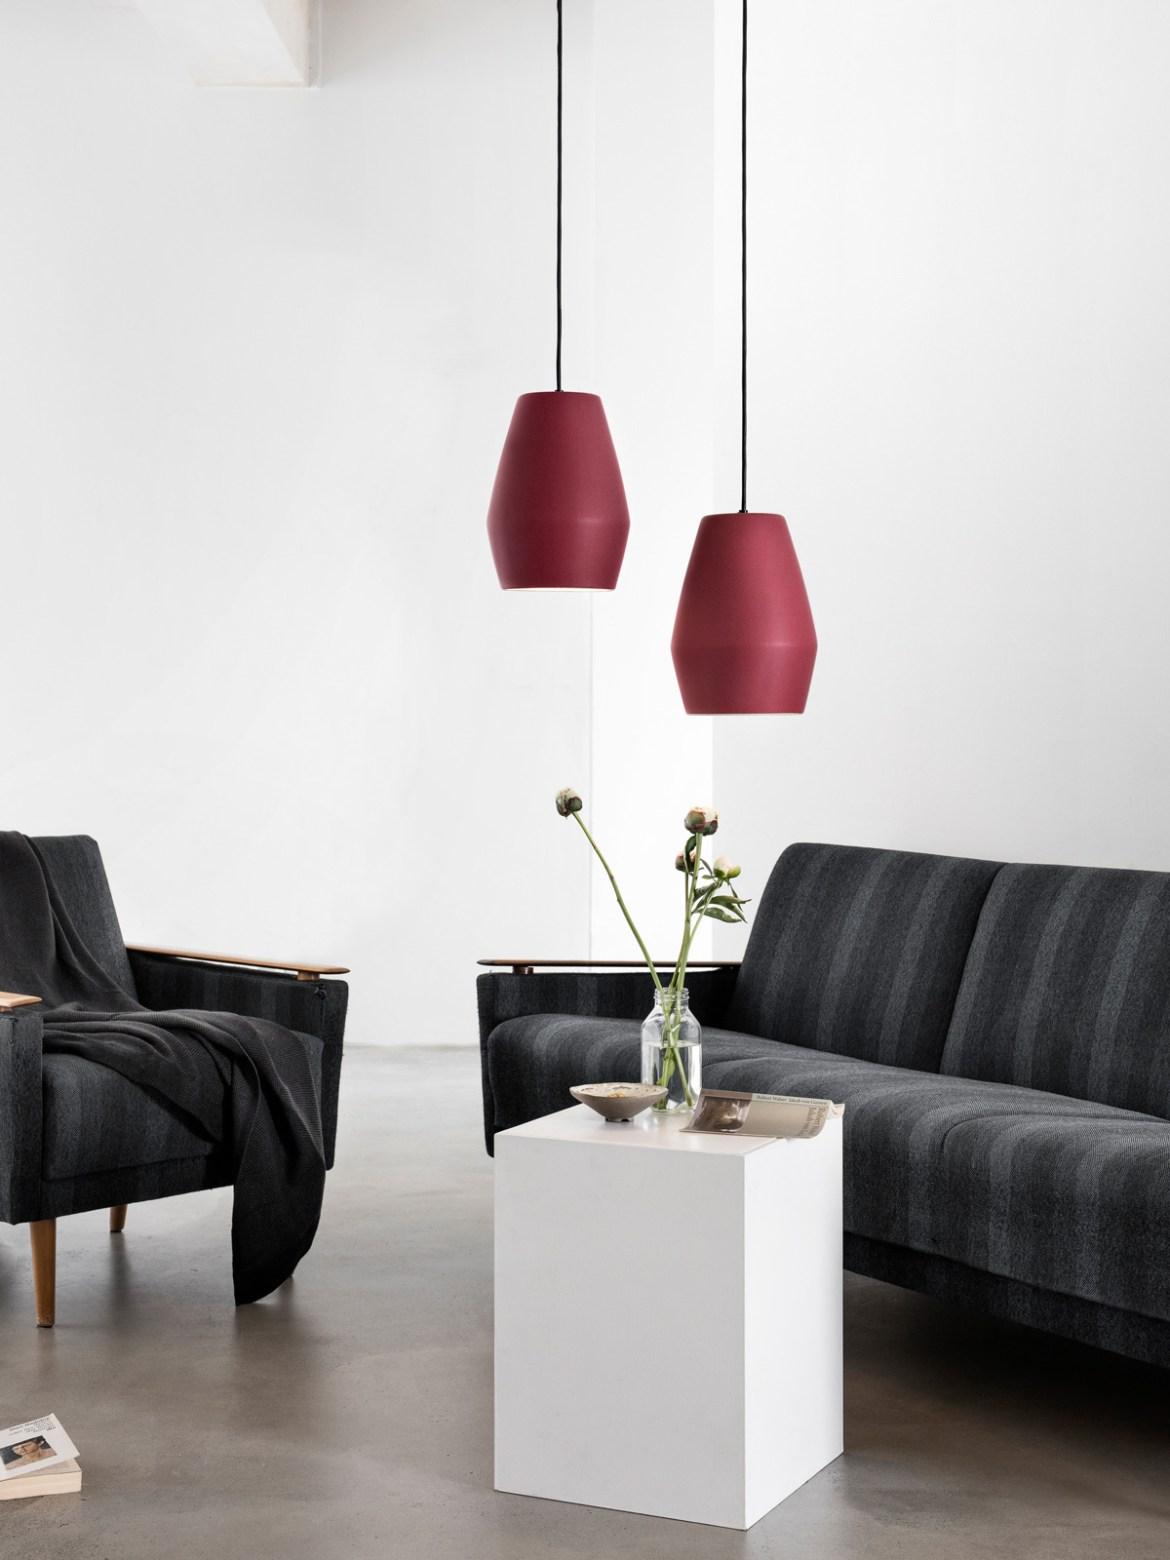 DesignOrt Blog: Trend: Pendelleuchten tief hängen Bell von Northern Lighting